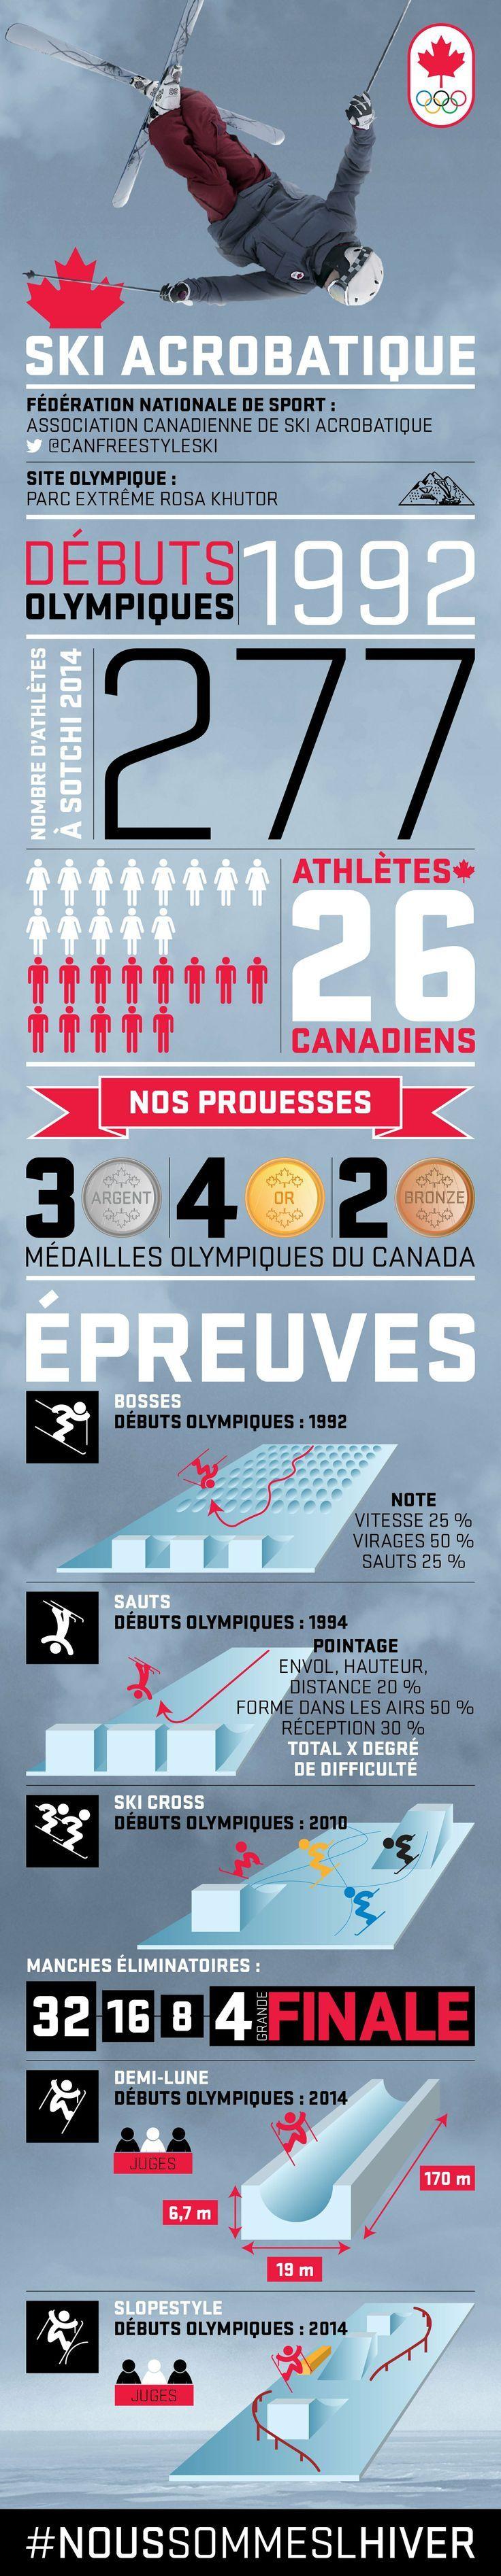 Une infographie pur le ski acrobatique